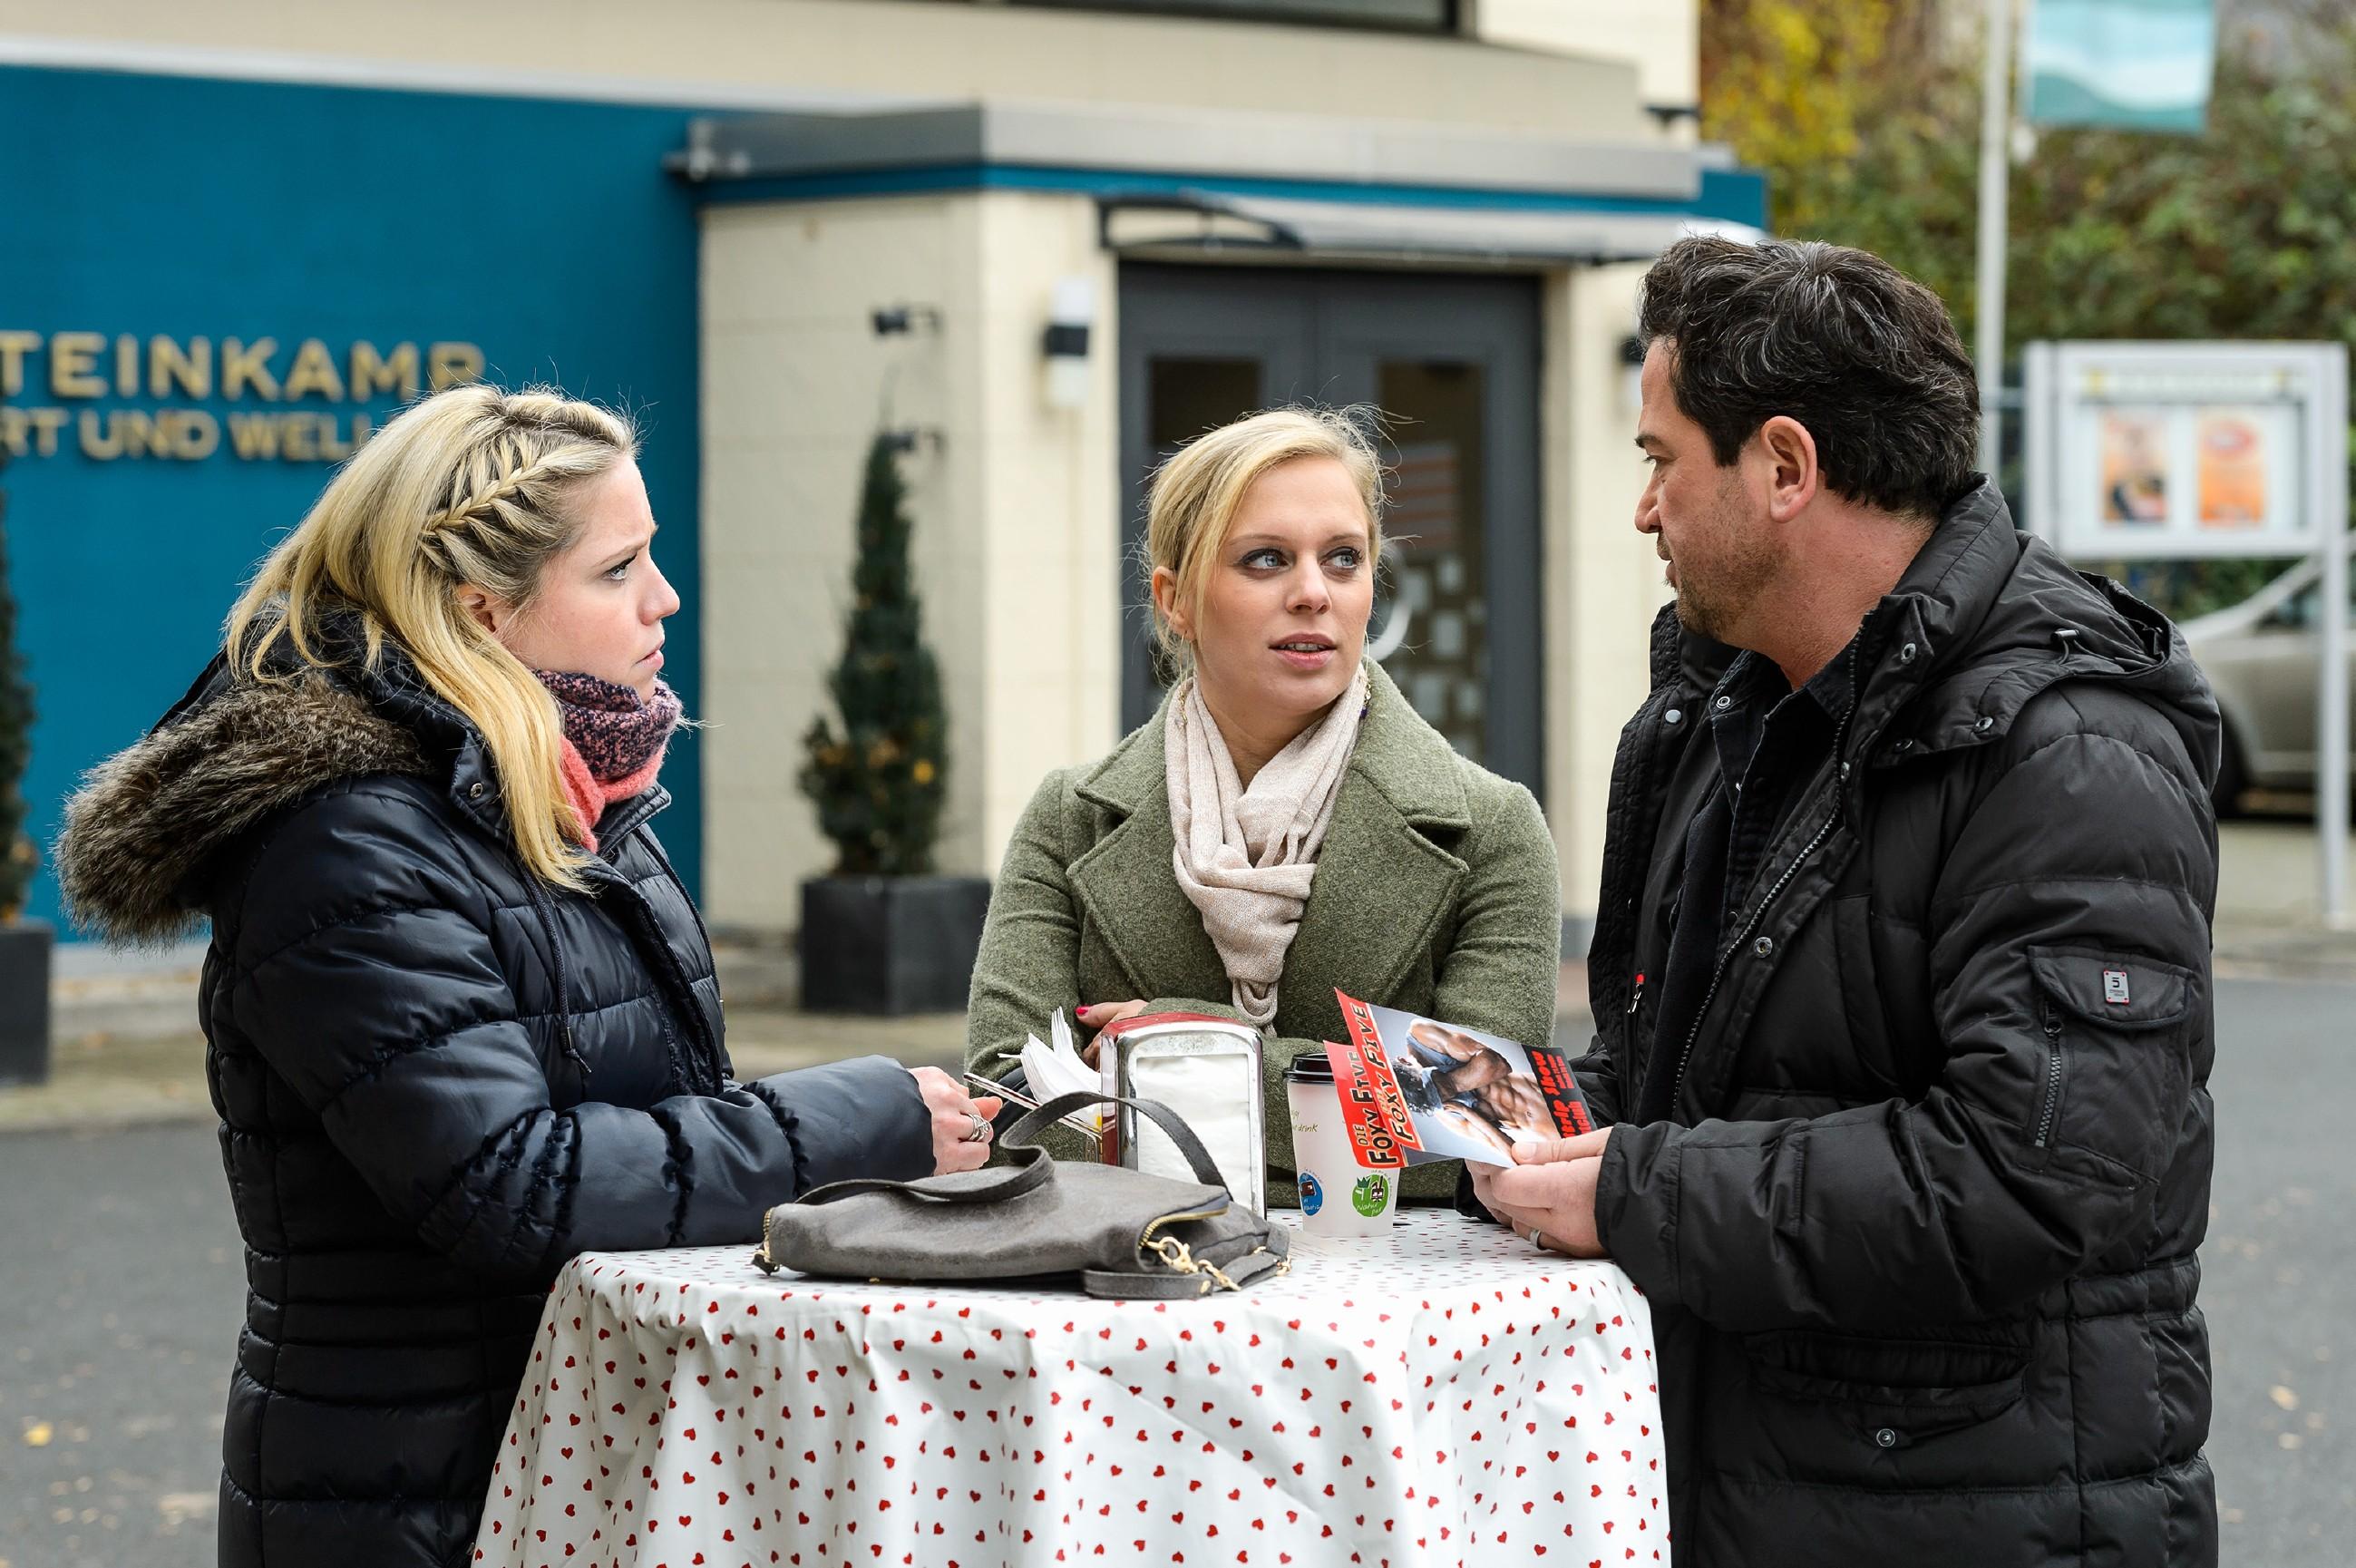 Gemeinsam mit Bea (Caroline Maria Frier, l.) und Lena (Juliette Greco) wirbt Marian (Sam Eisenstein) vor dem Zentrum für die Stripshow, auf deren Einnahmen er baut, um damit seinen Betrug zu vertuschen. (Quelle: RTL / Willi Weber)